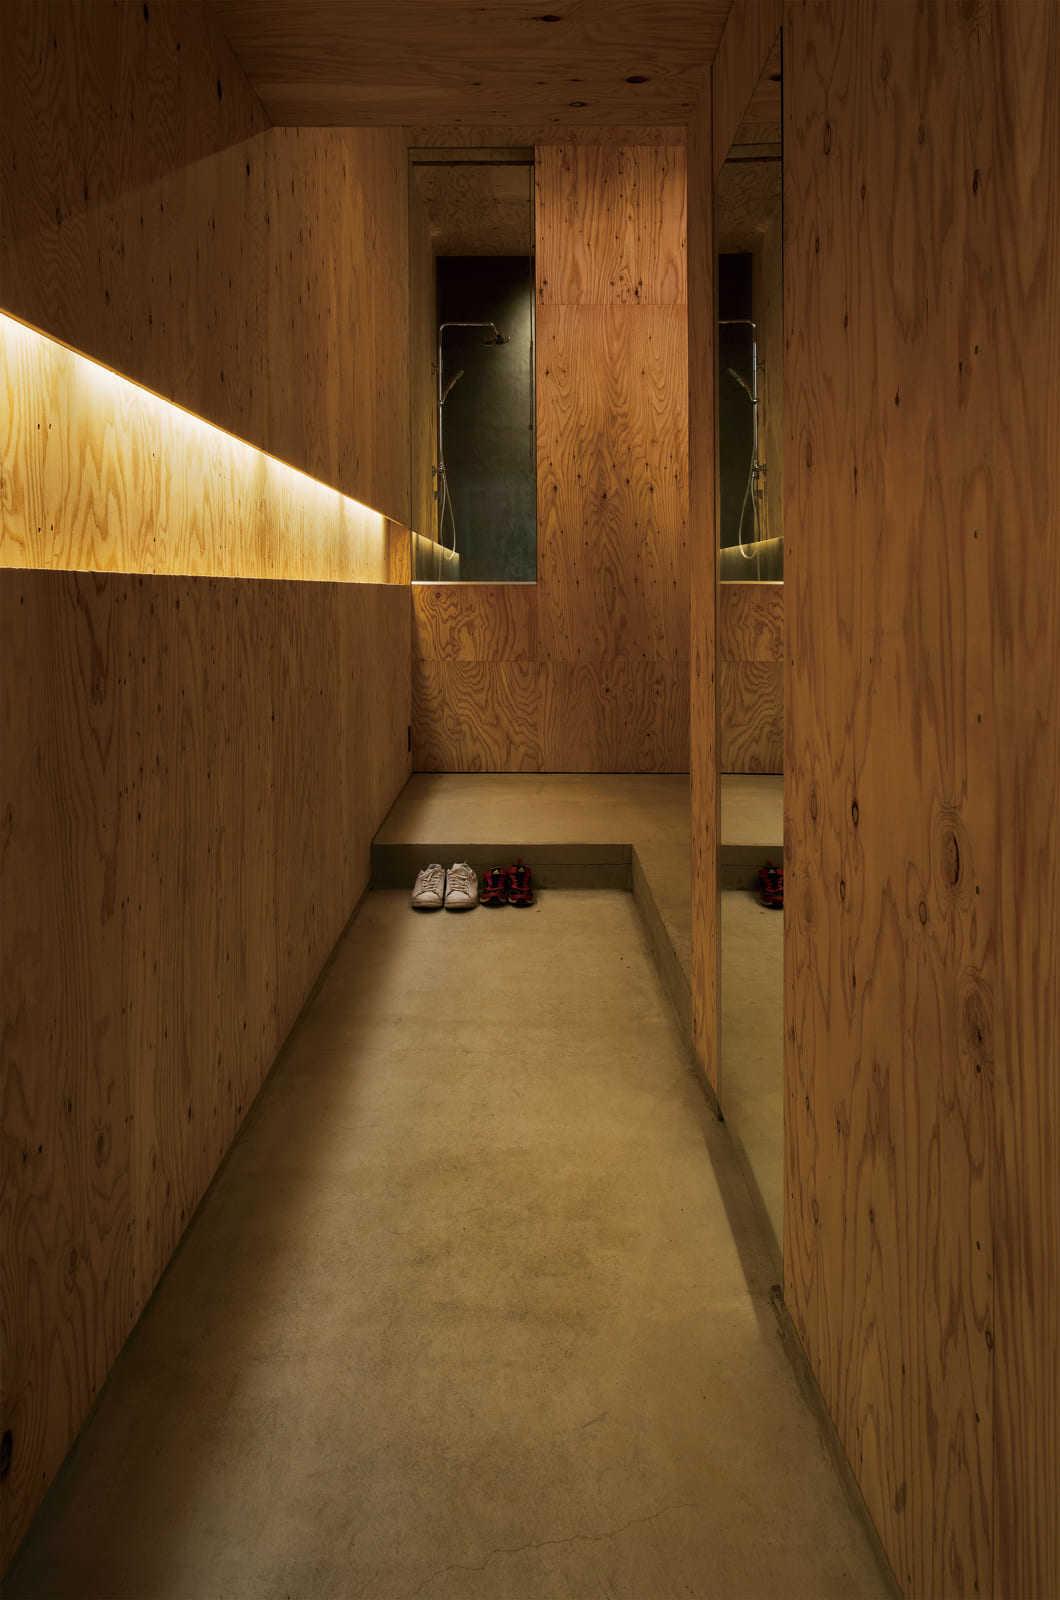 敷地の奥行きを感じさせる長手のコンクリート土間を通り室内へ。正面のFIXガラス越しに見えるのは浴室